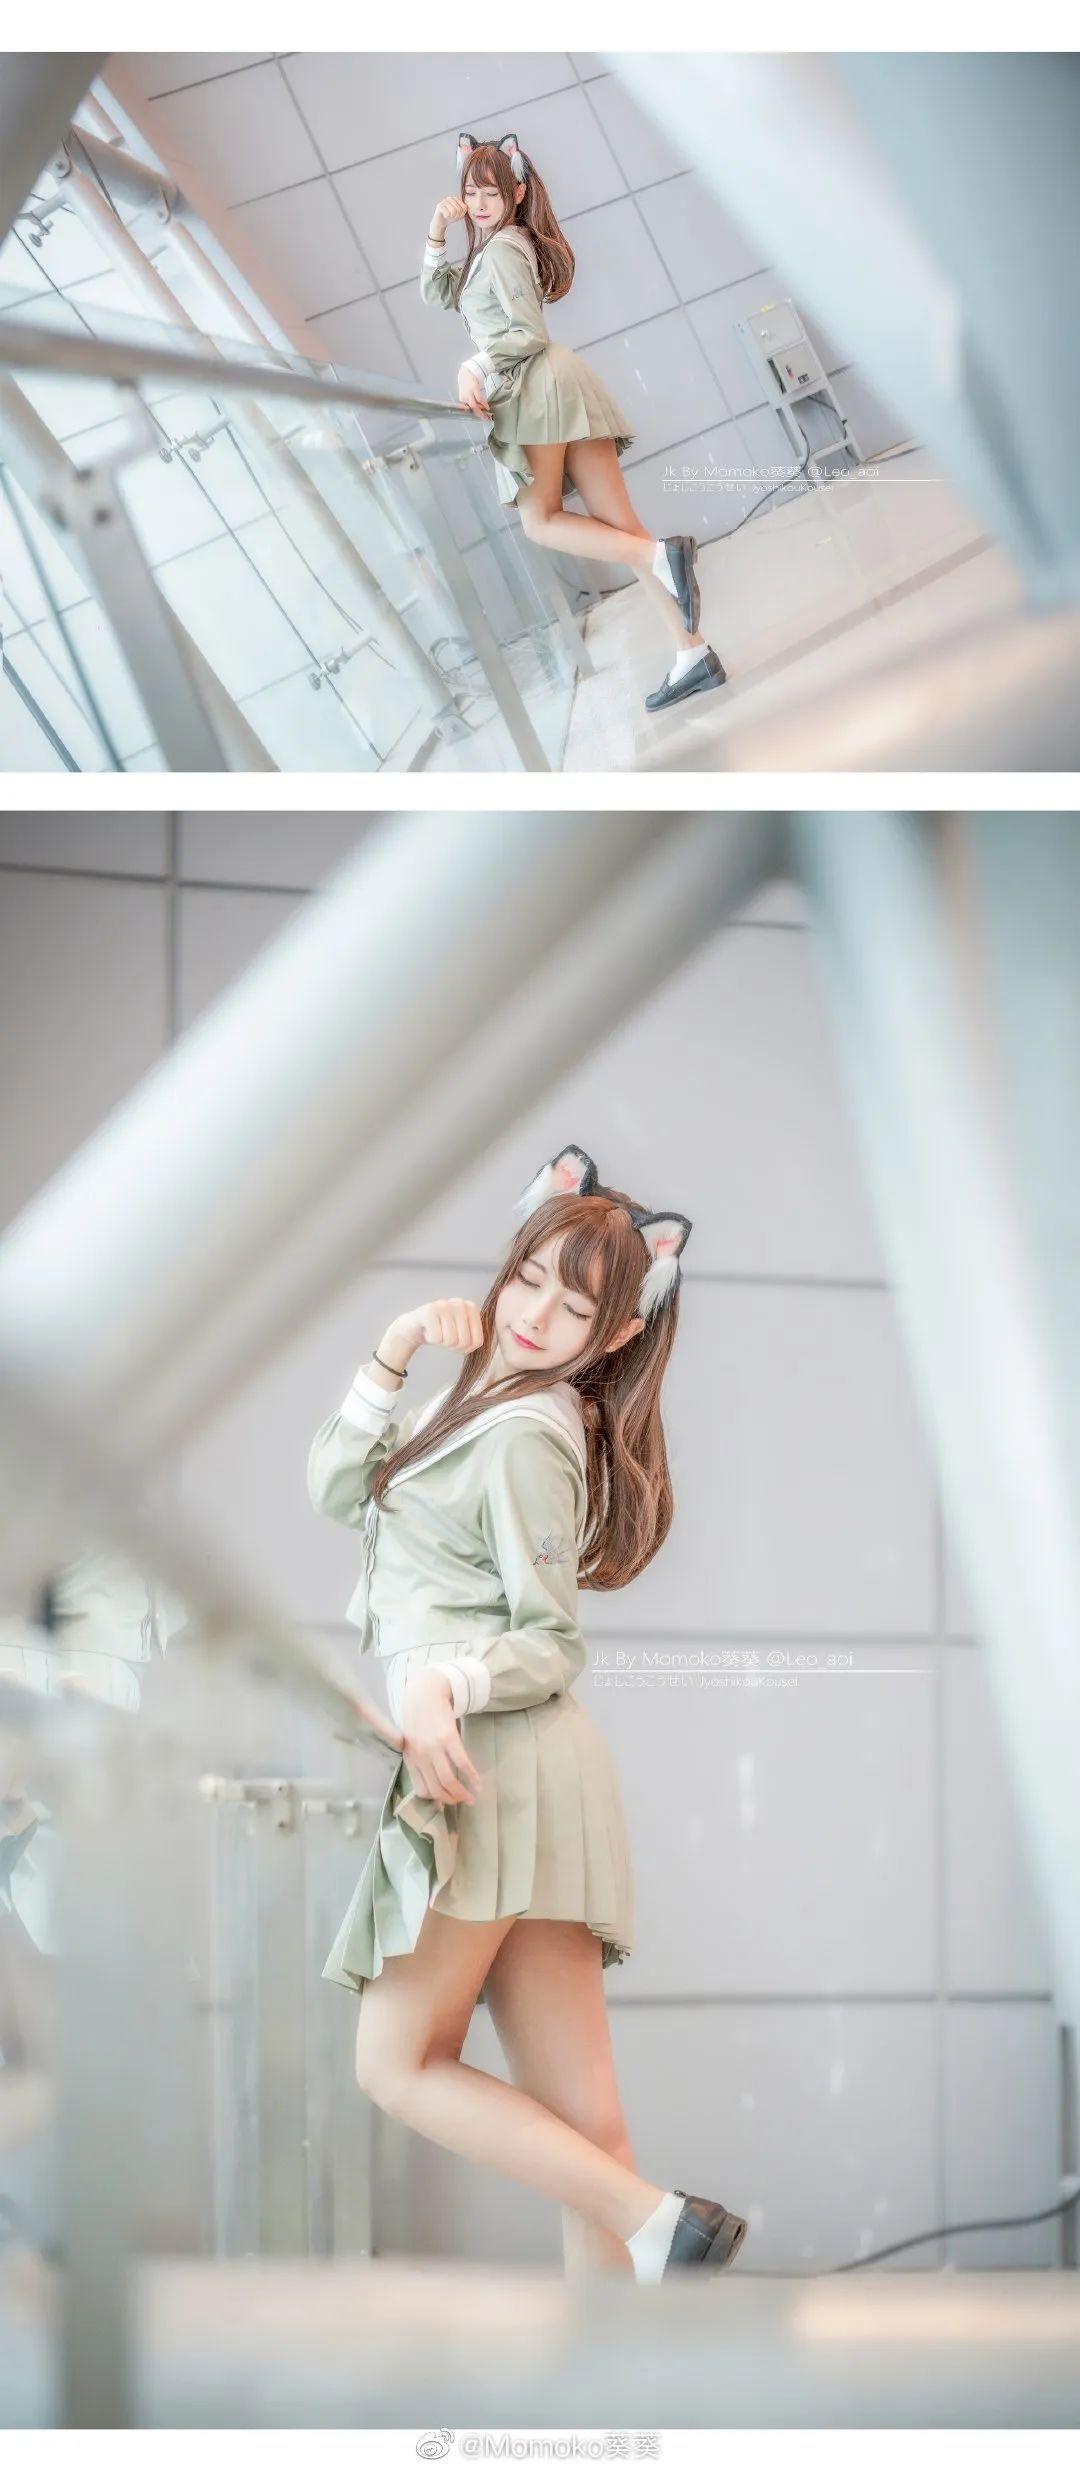 妹子摄影 – 猫耳JK制服美腿控少女@@Momoko葵葵_图片 No.9